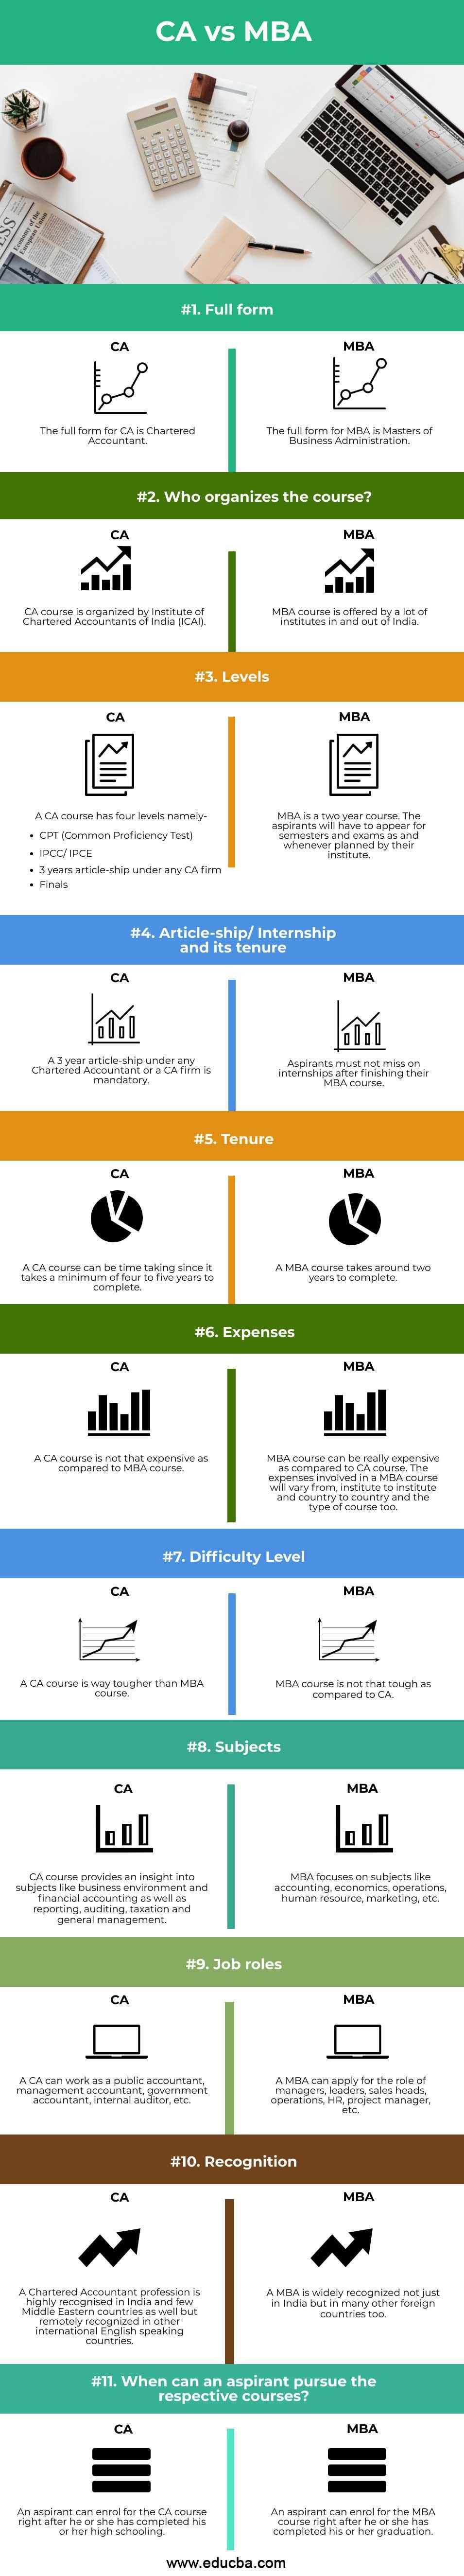 CA vs MBA info